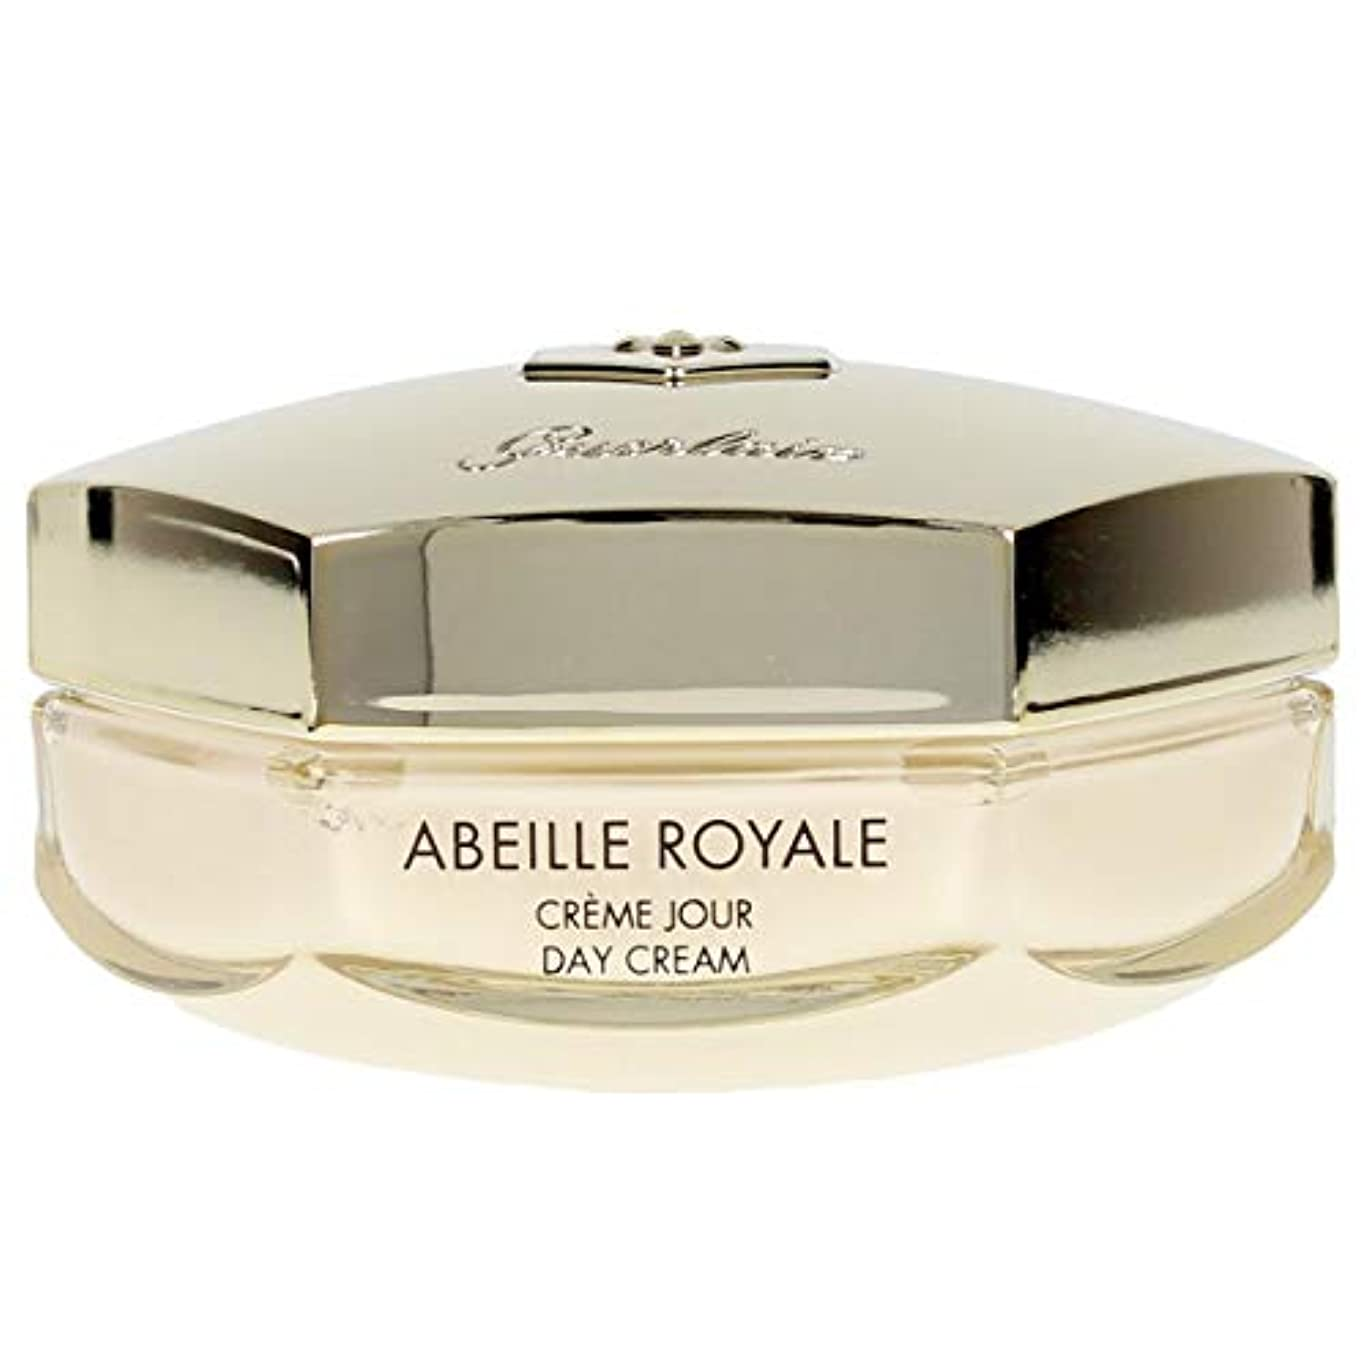 接尾辞ミリメーター話をするゲラン Abeille Royale Day Cream - Firms, Smoothes & Illuminates 50ml/1.6oz並行輸入品